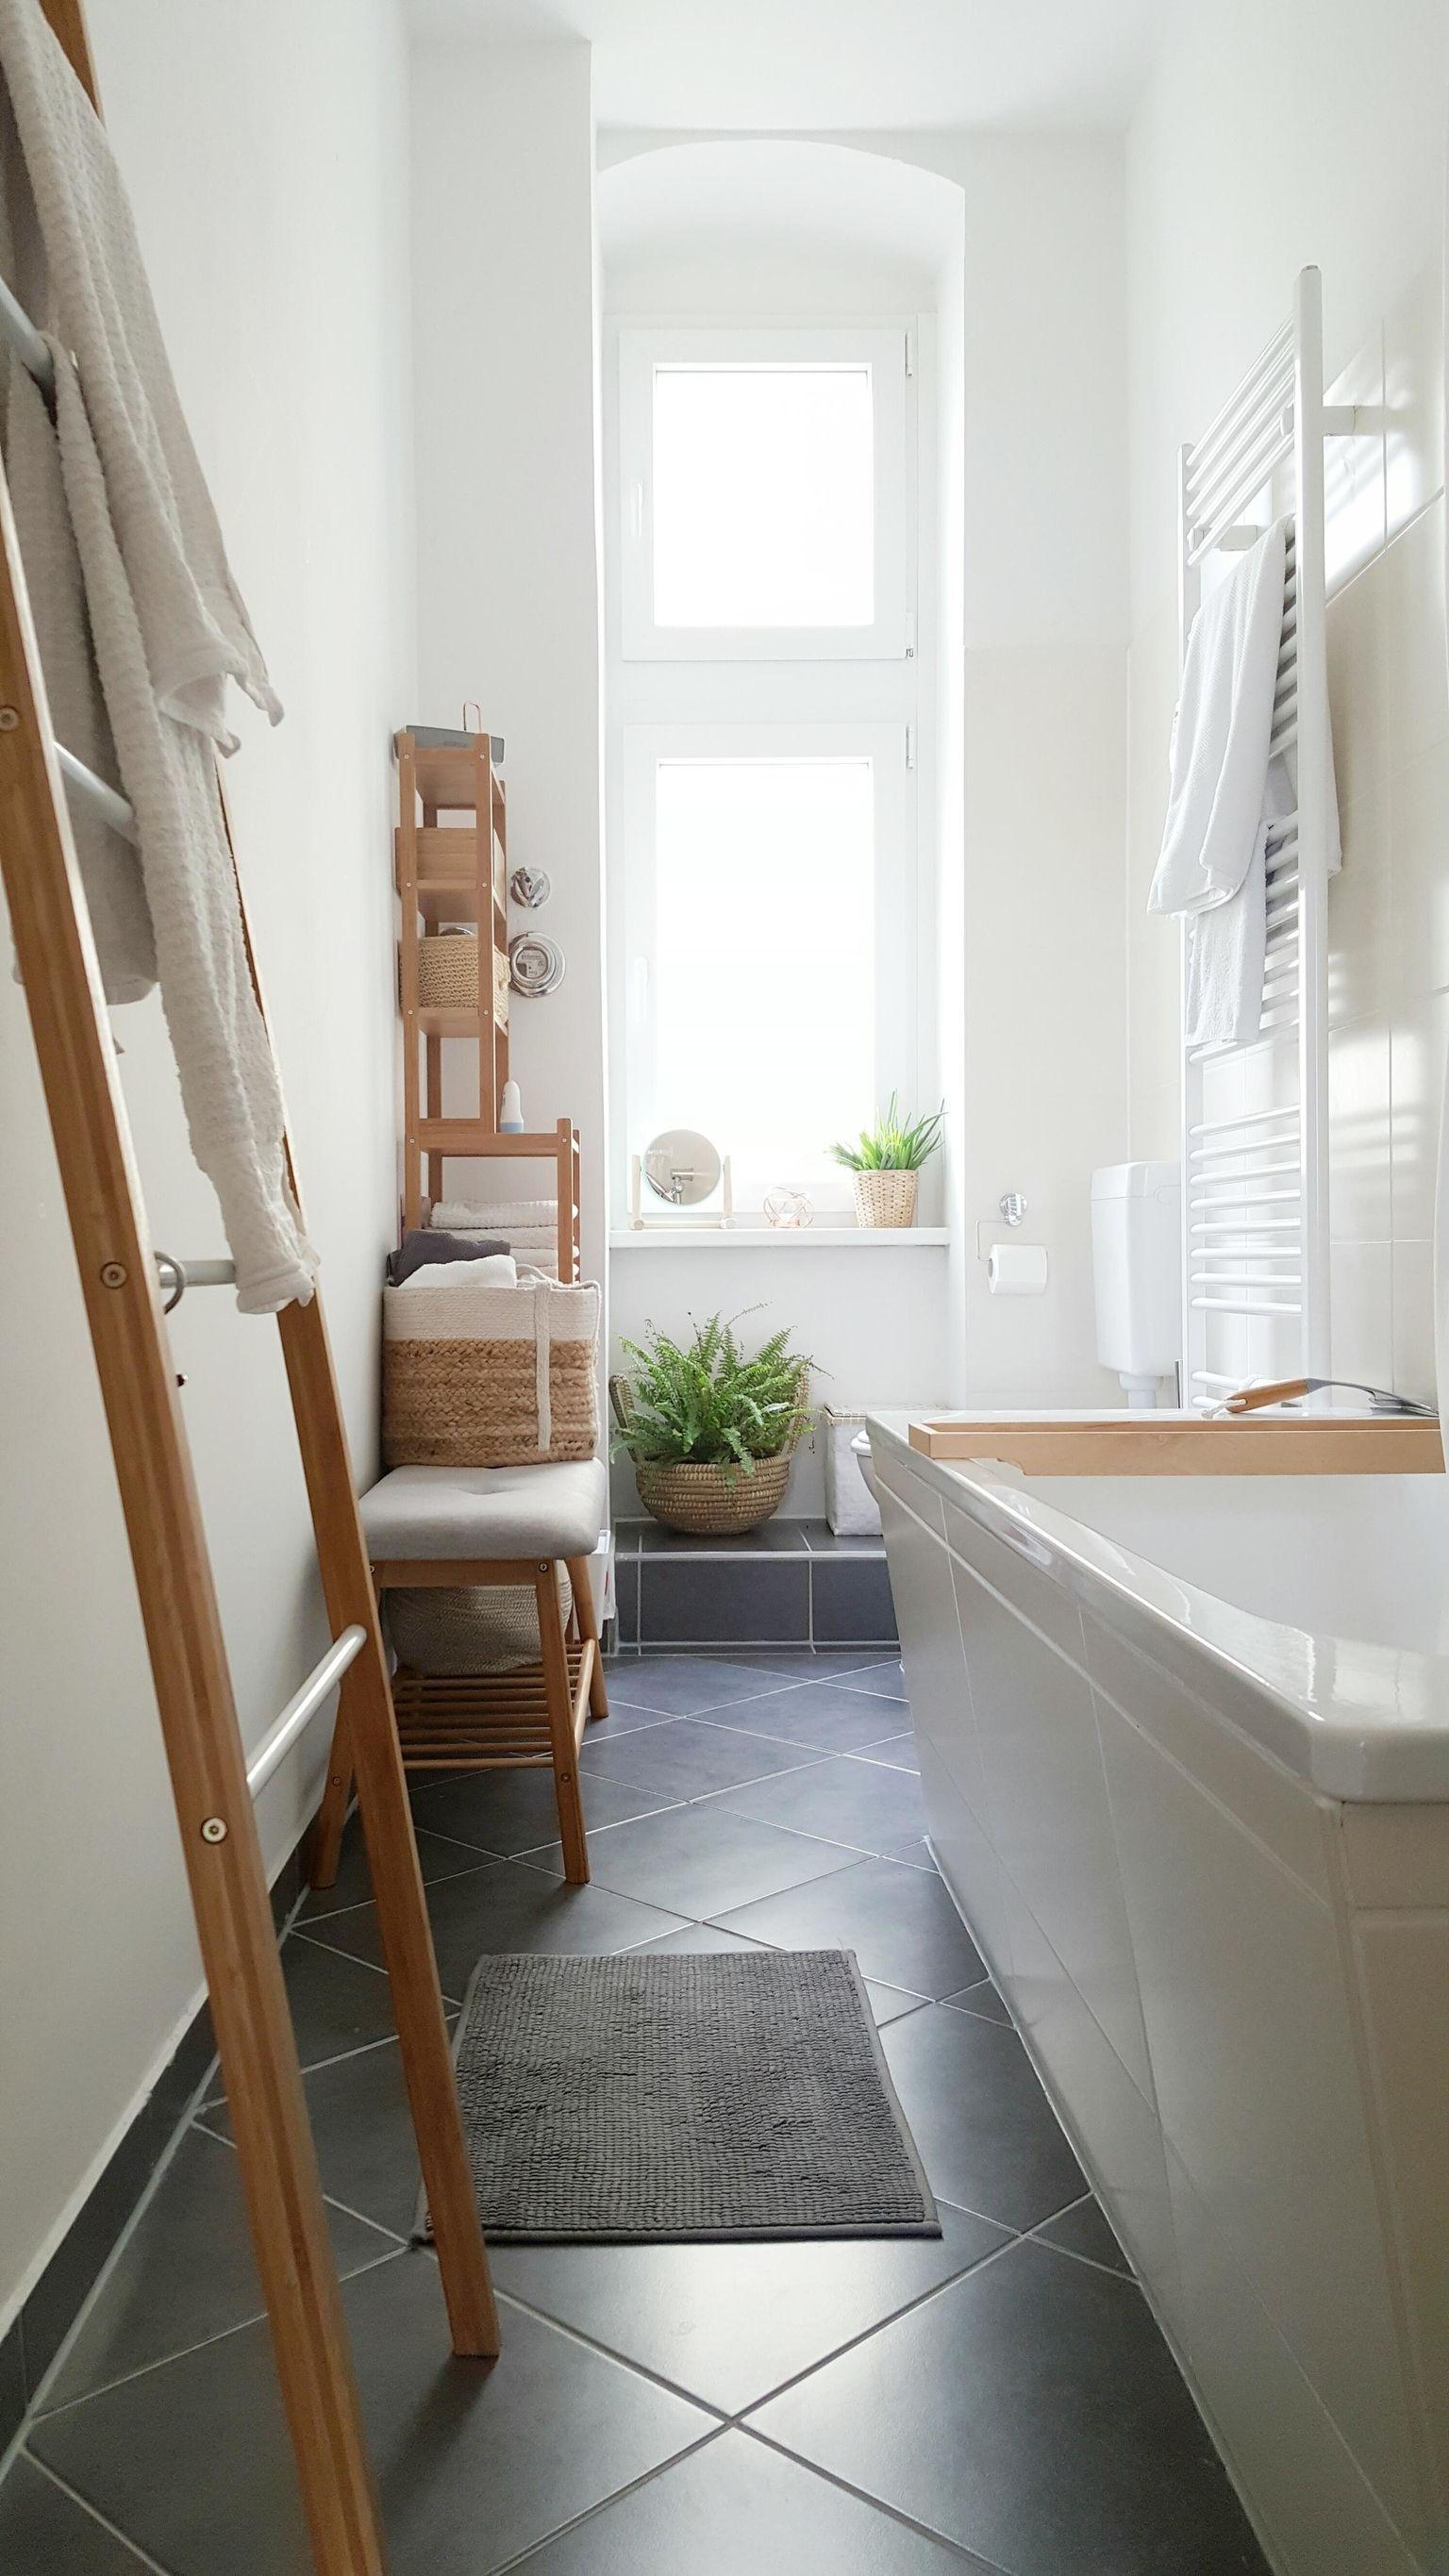 Kleineswohnzimmer Badezimmer Bad Bambus Skandinavisch In 2020 Bathroom Solutions Home Contemporary Dining Room Design